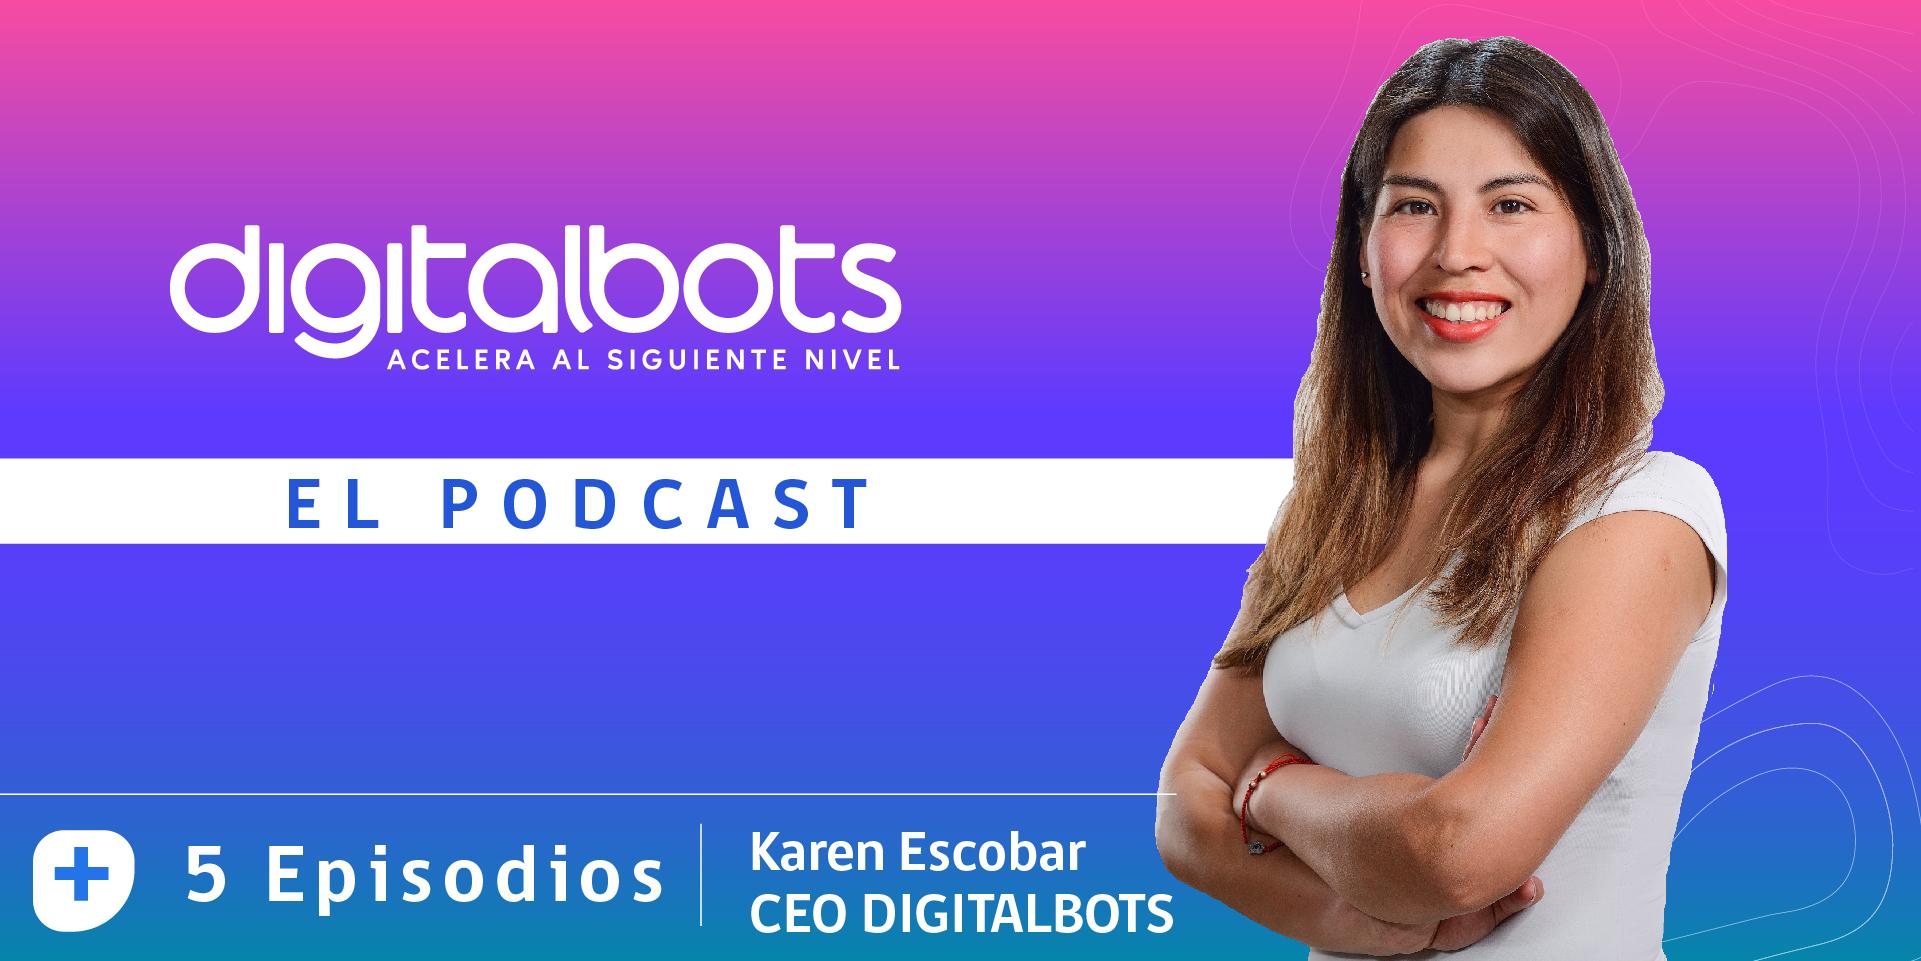 Podcasts de Digitalbots: ¿cómo incrementar el valor de tus clientes?